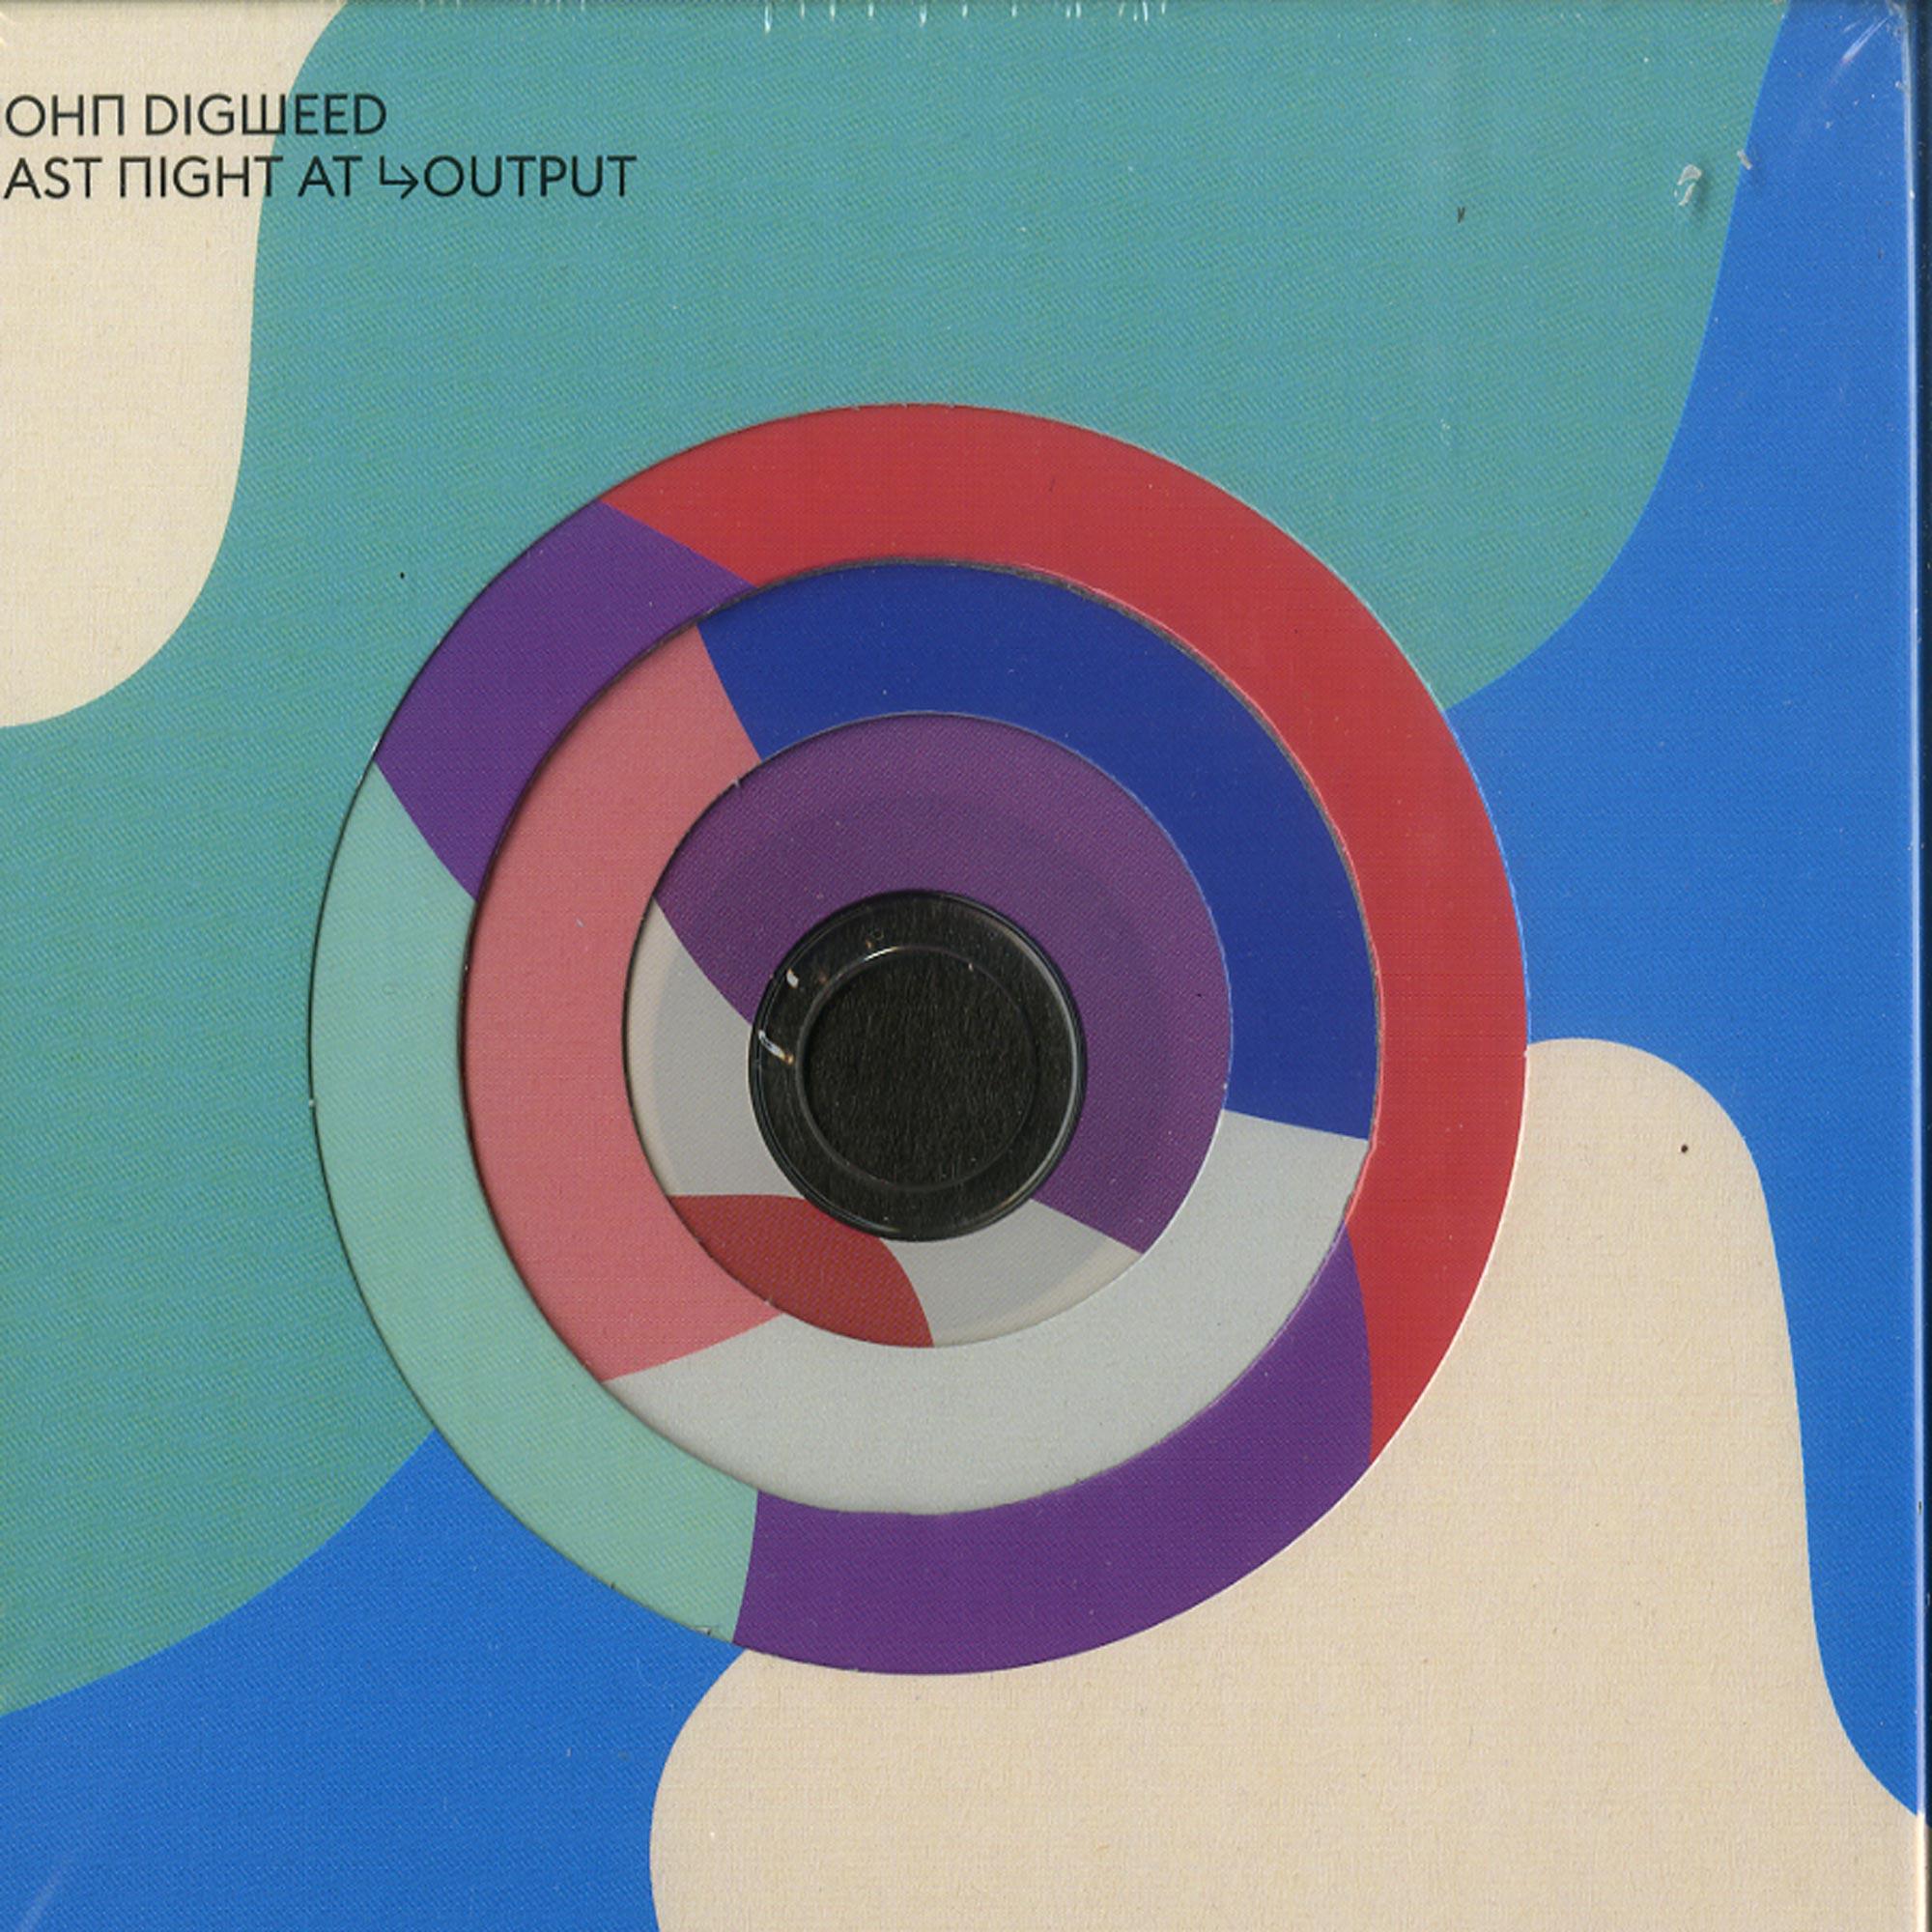 John Digweed - JOHN DIGWEED - LAST NIGHT AT OUTPUT